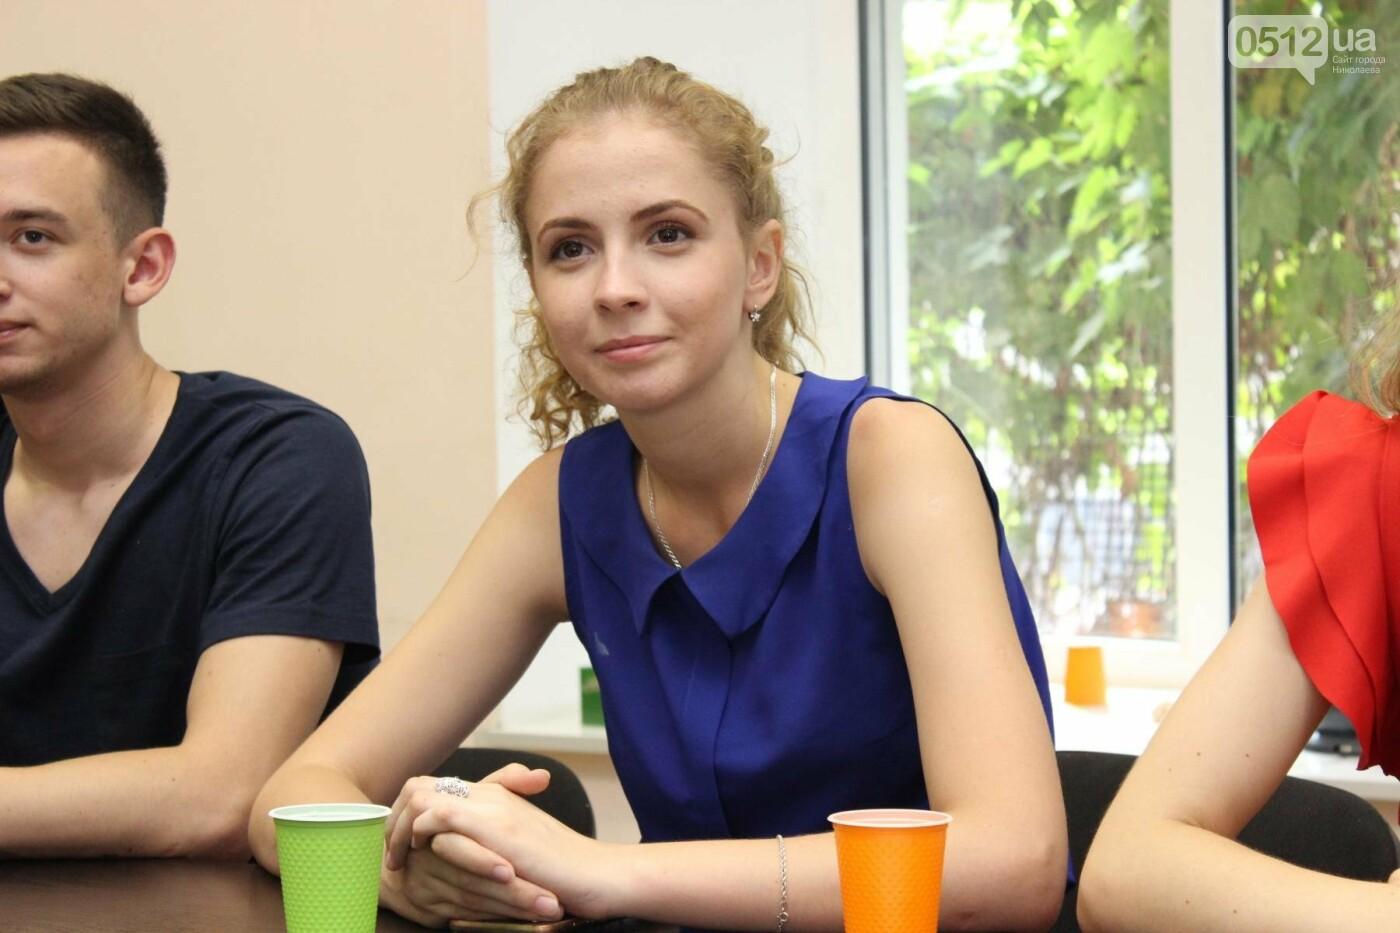 Николаевской молодежи рассказали о важности политической образованности, - ФОТО, фото-4